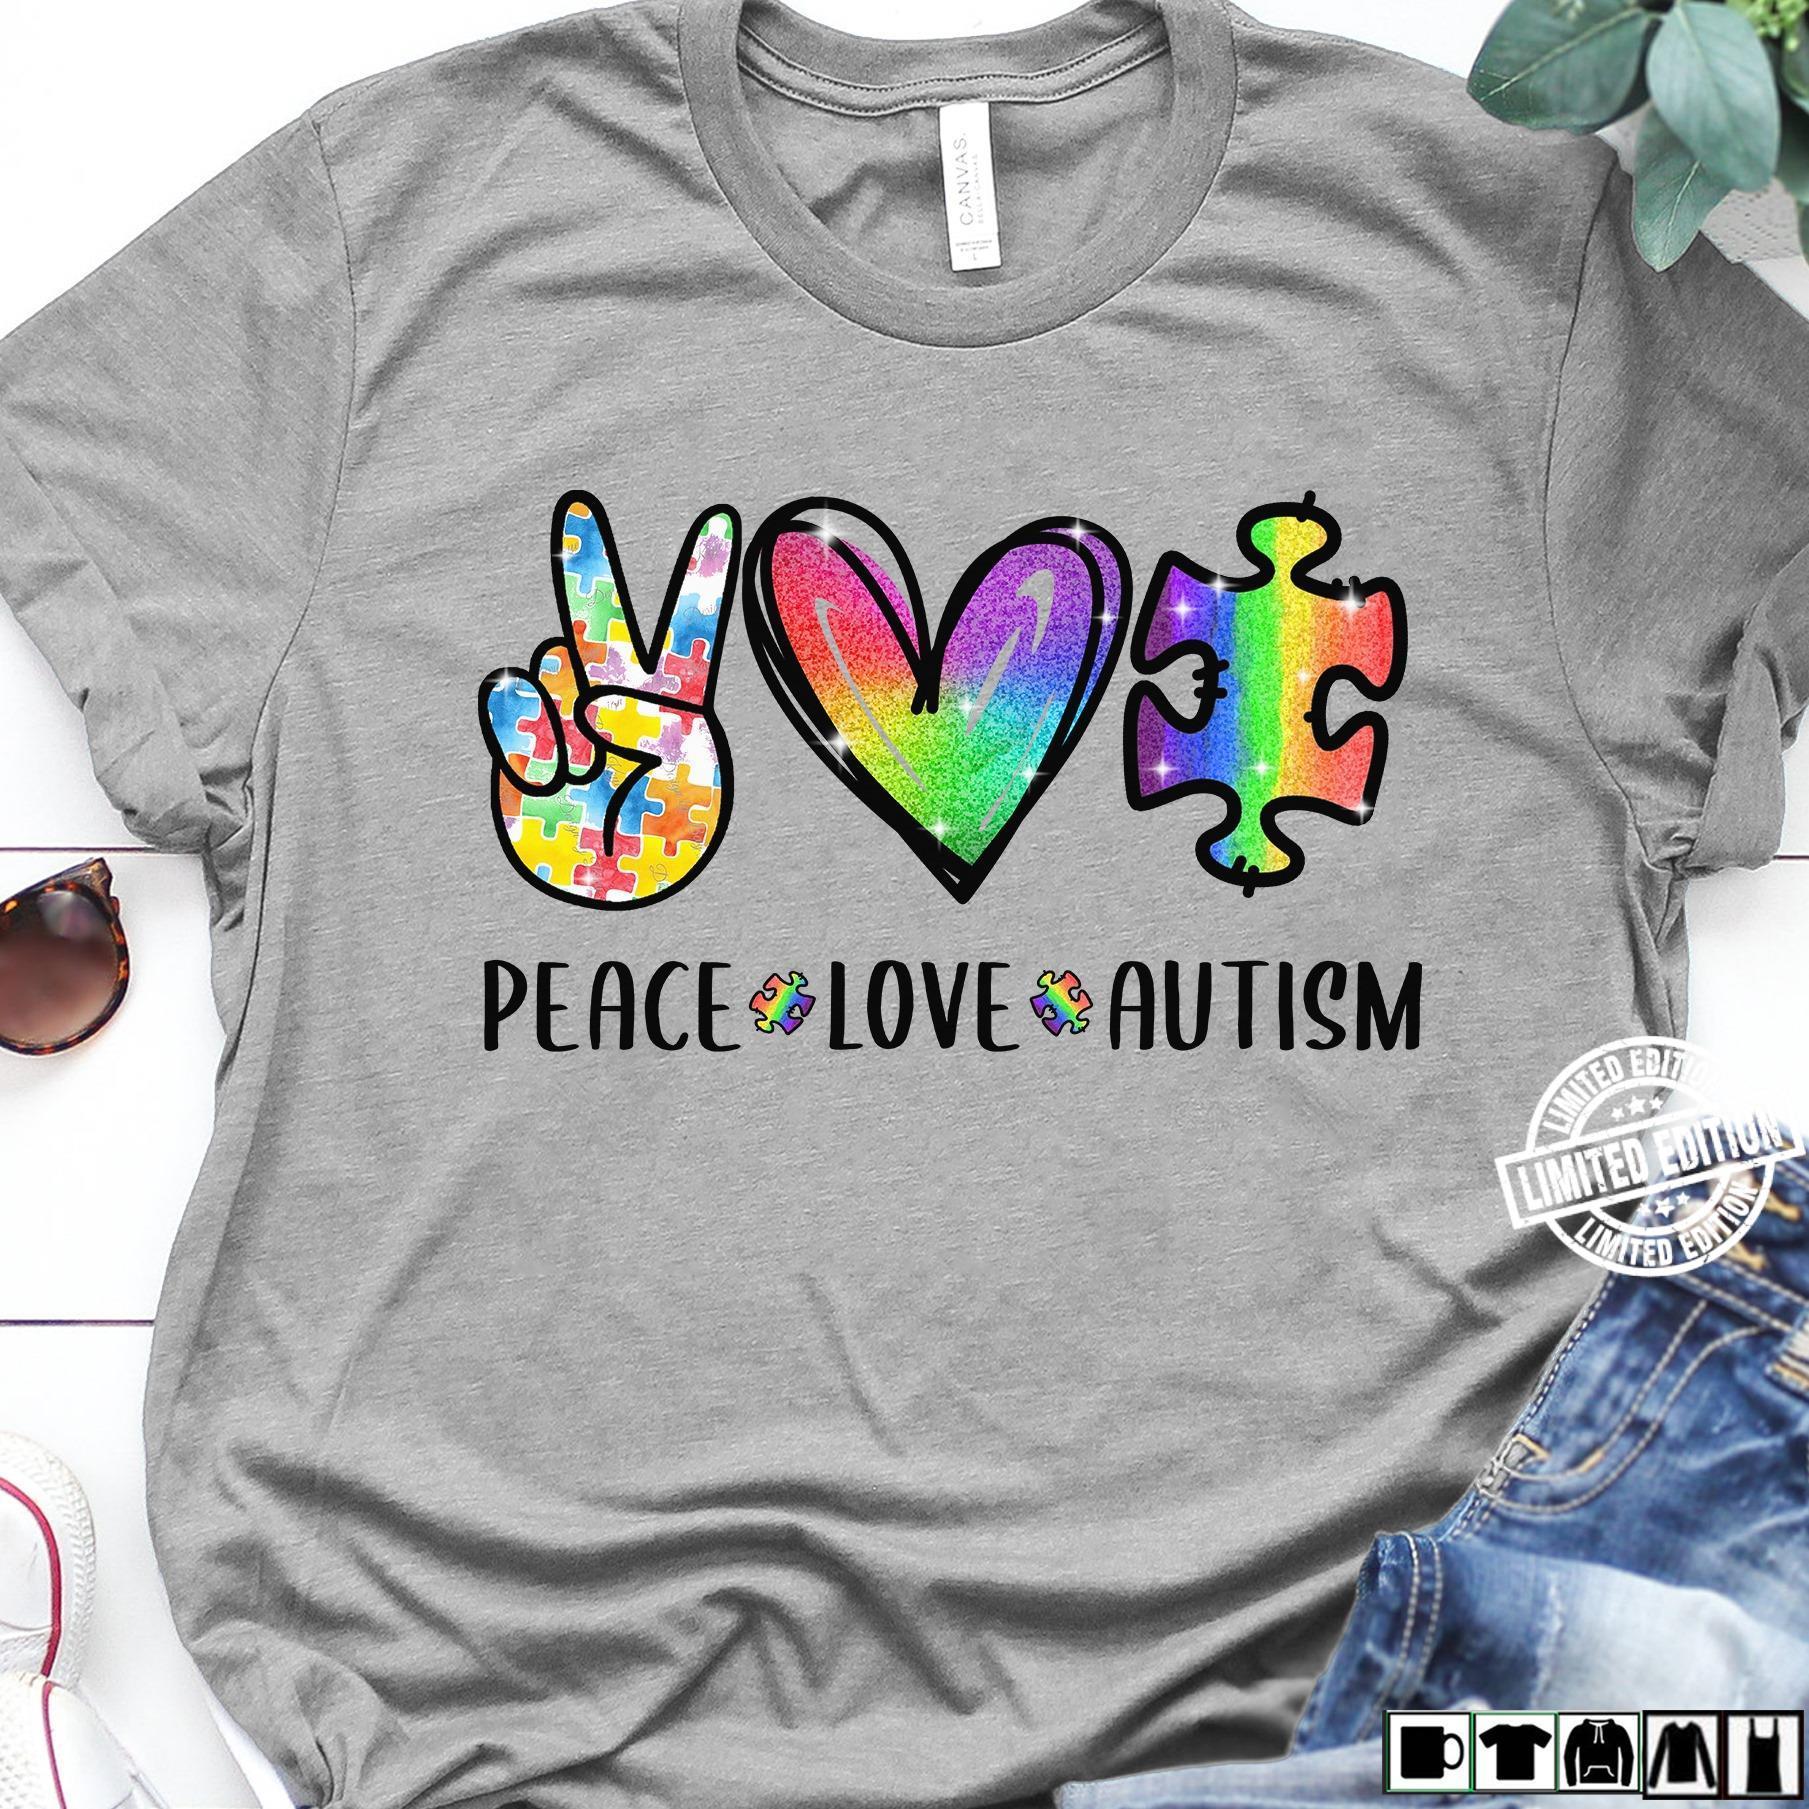 Peace love autism shirt